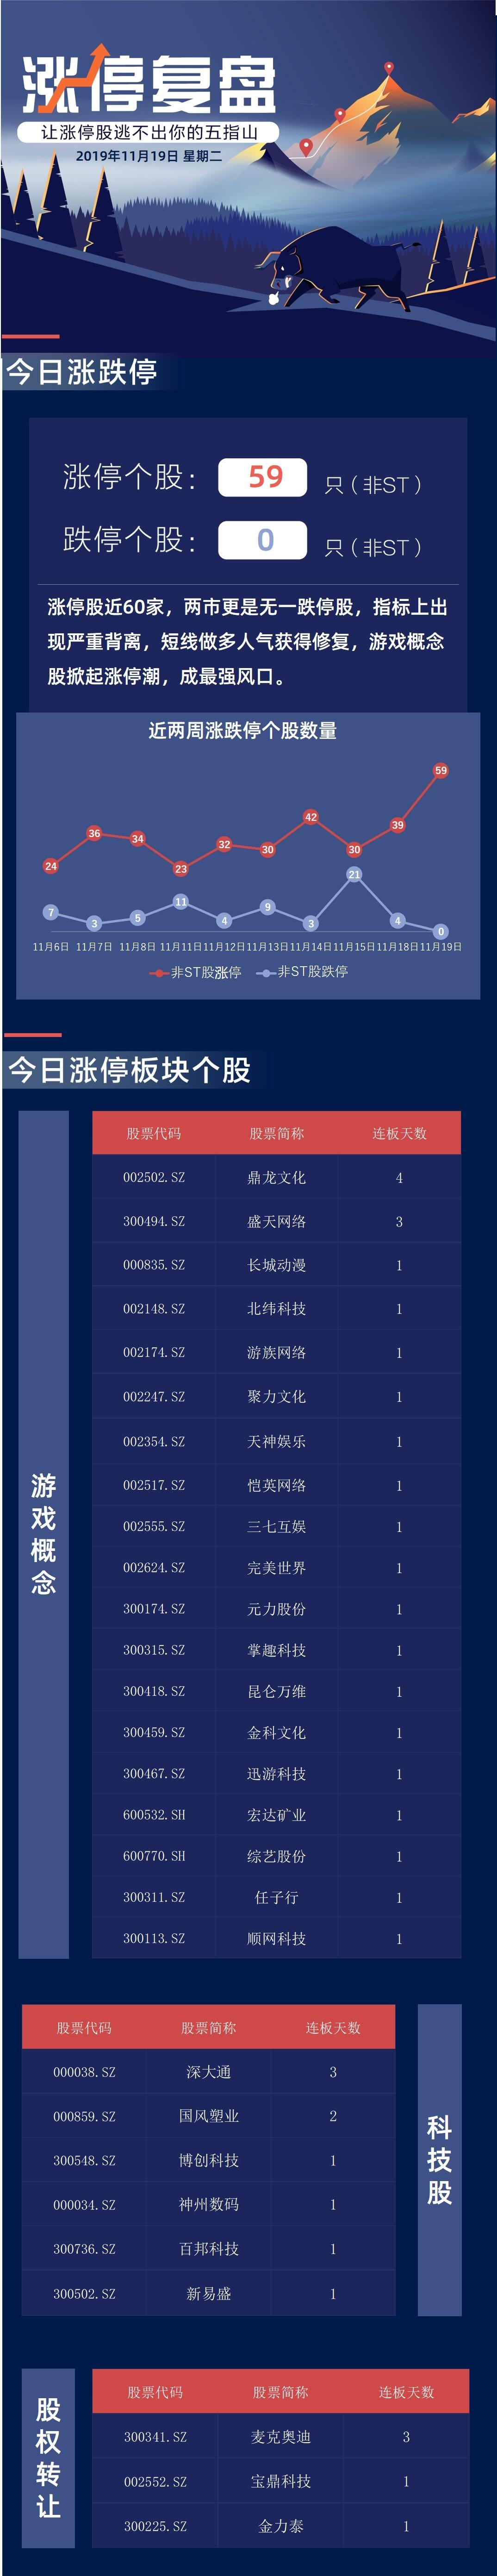 快讯:内房股集体上涨富力地产涨6%万科企业涨4%